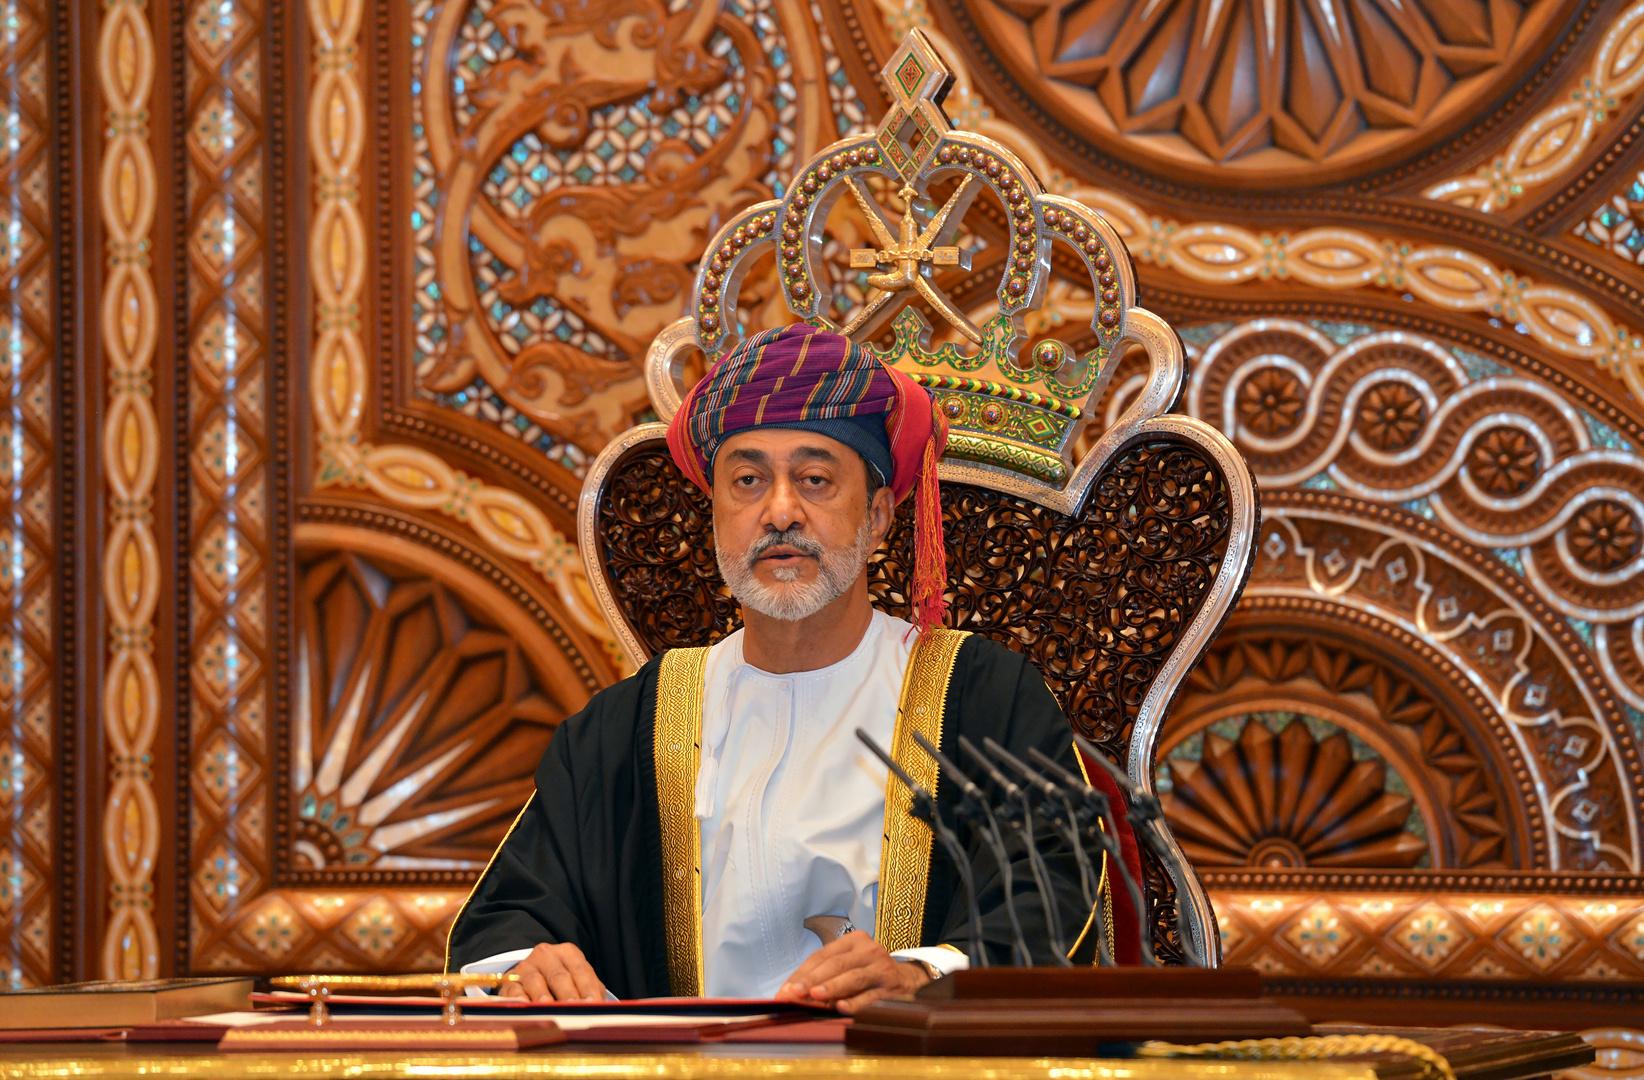 سلطان عُمان يأمر بتشكيل لجنة للتعامل مع التحديات الاقتصادية لفيروس كورونا